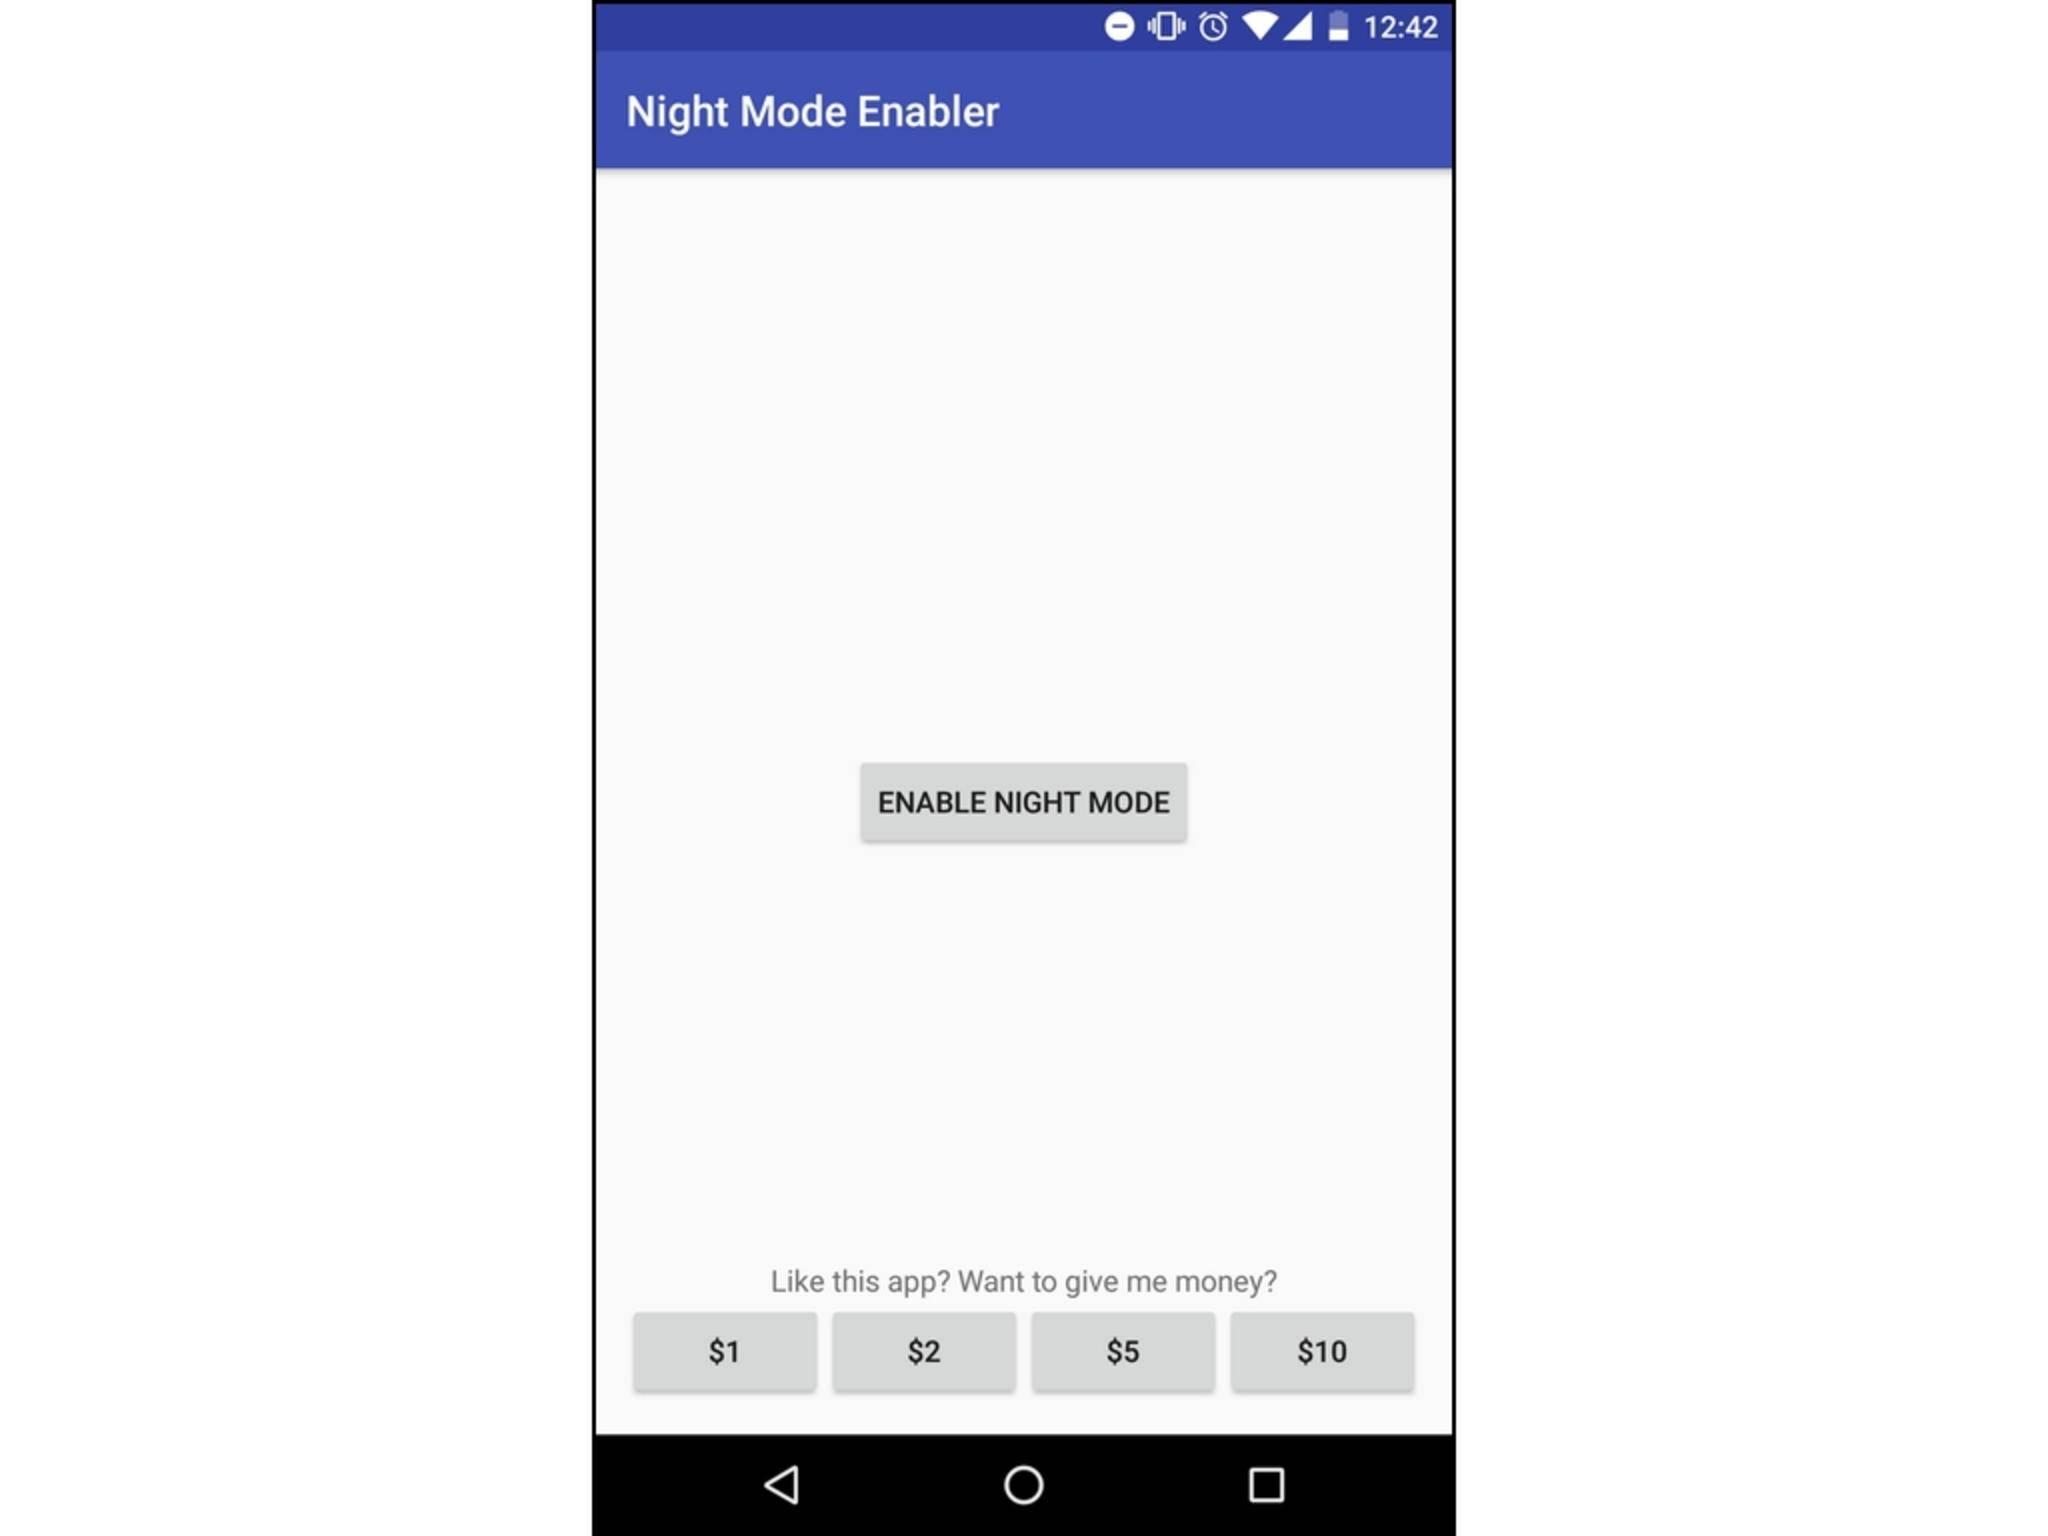 Mit der App kannst Du den Nachtmodus freischalten.